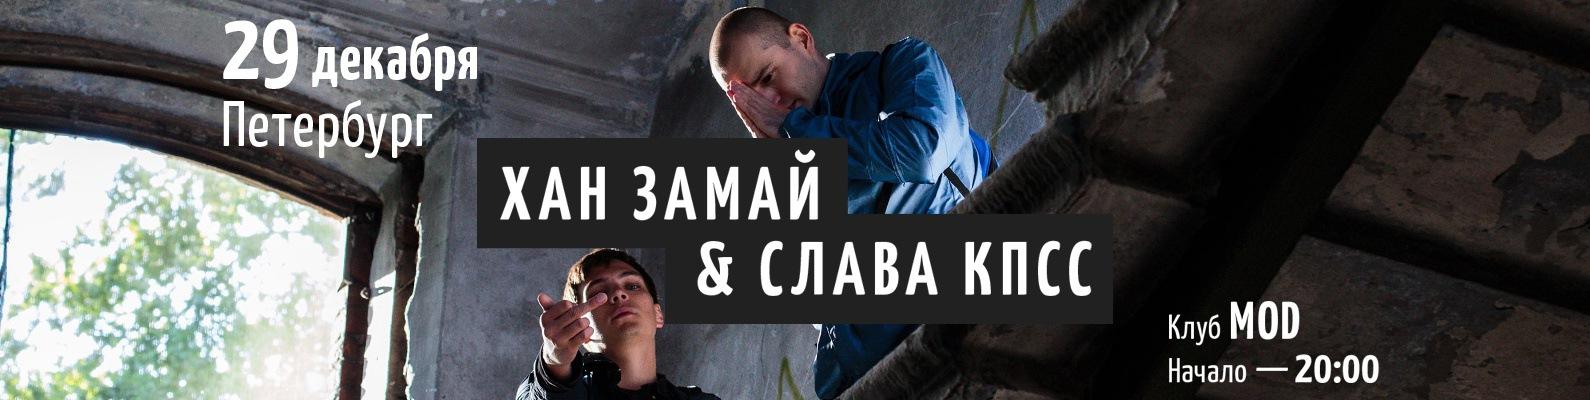 Заказать блядь в Санкт-Петербургее шлюху на час Лахтинская ул.